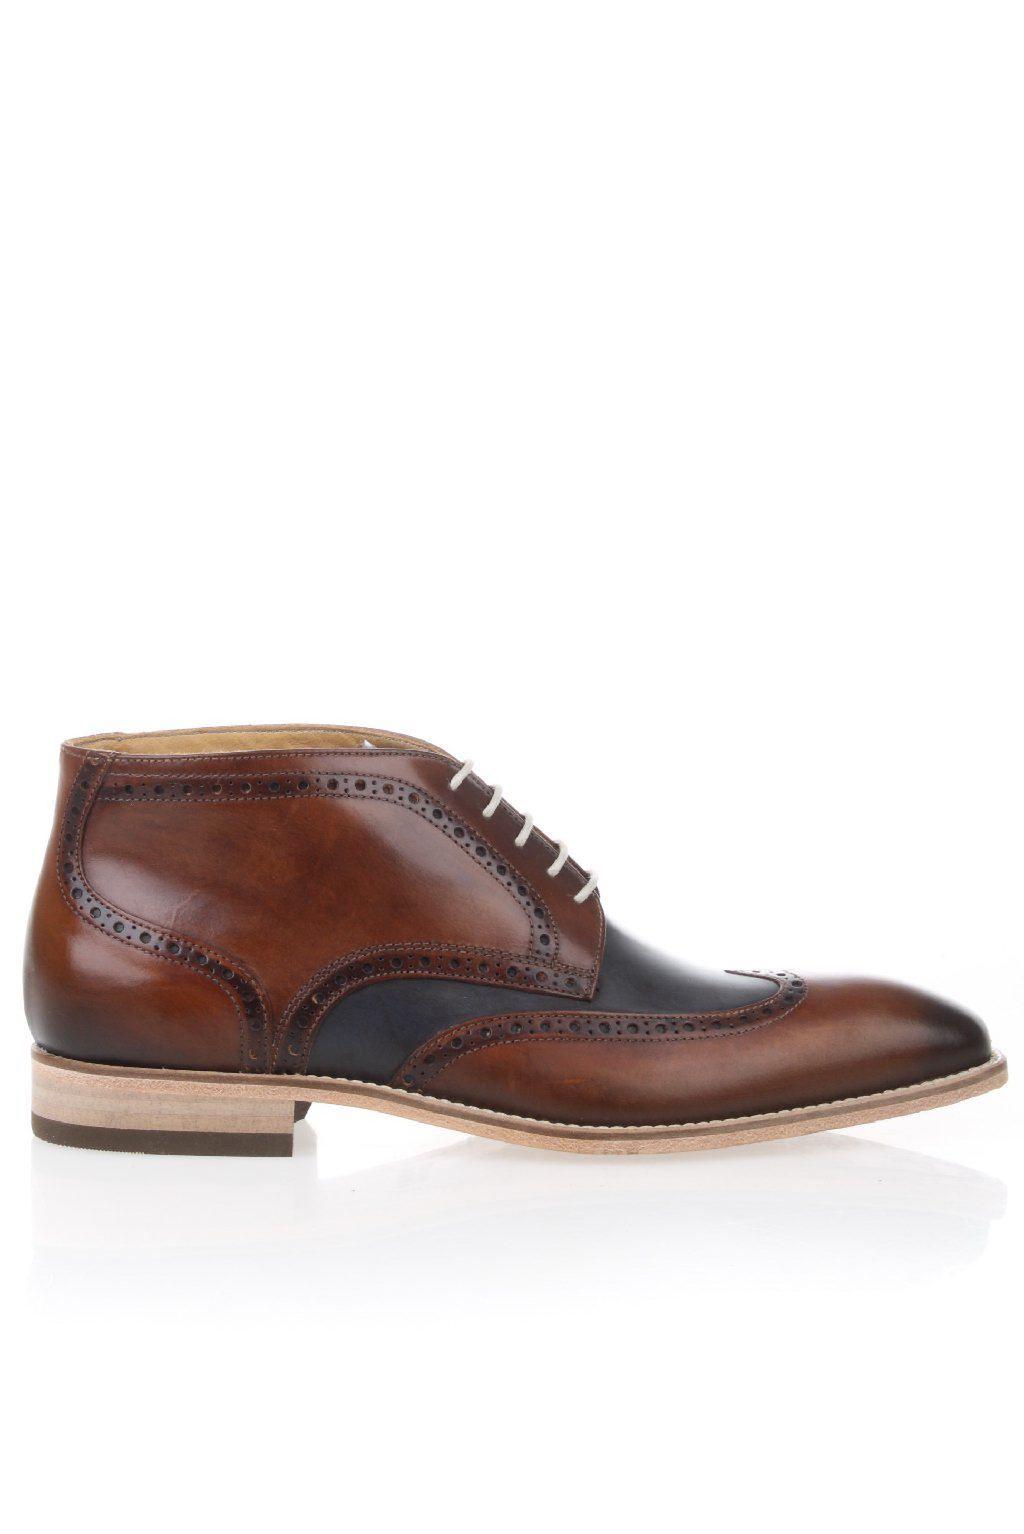 Giorgio Dentelle Daim Chaussures dTXz0